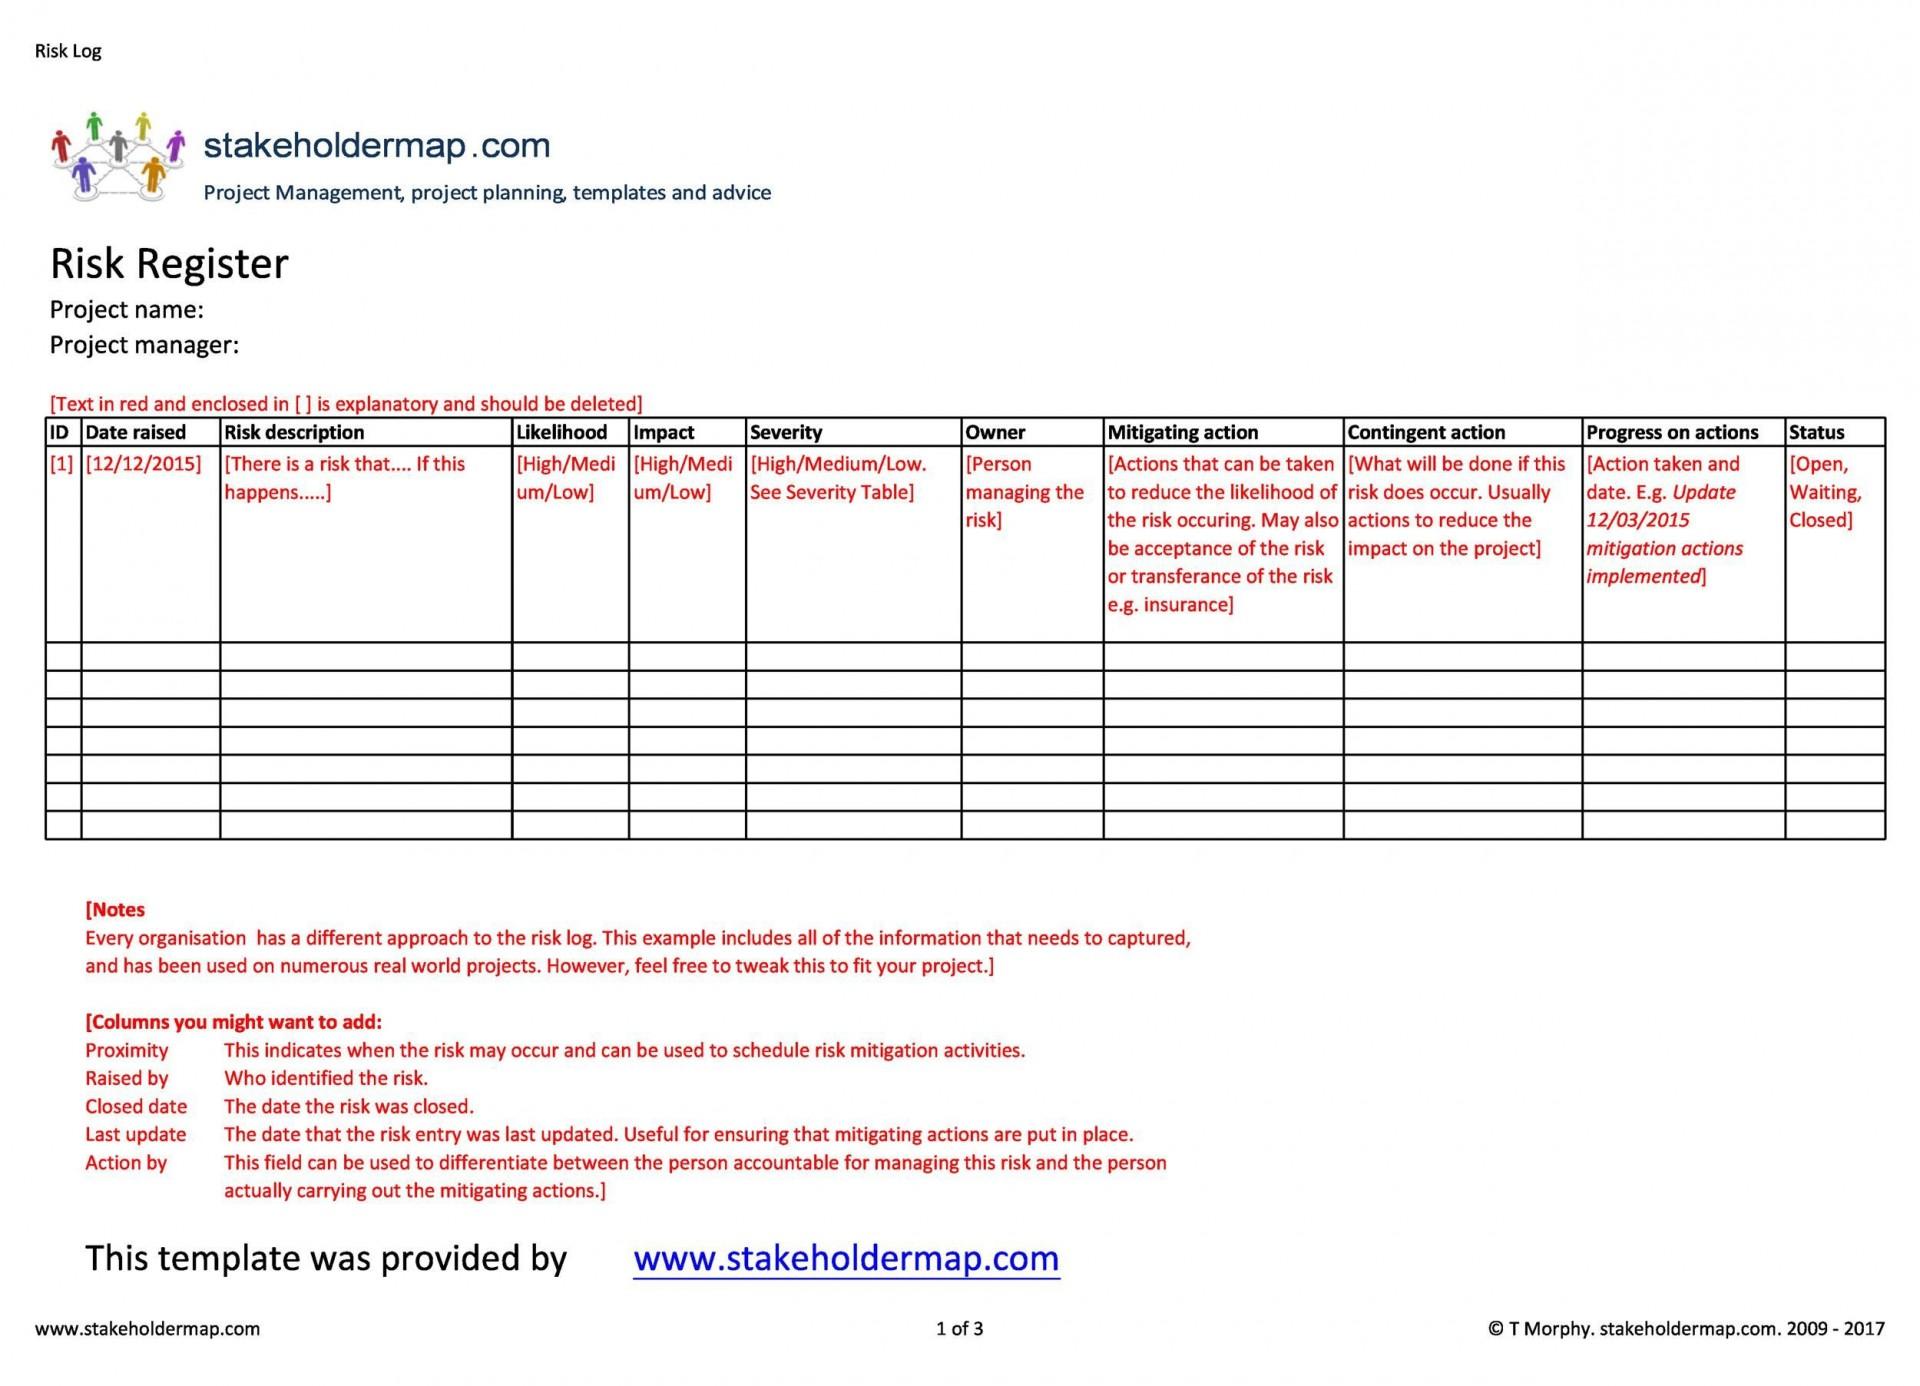 007 Unique Project Risk Management Plan Template Excel Free Concept 1920